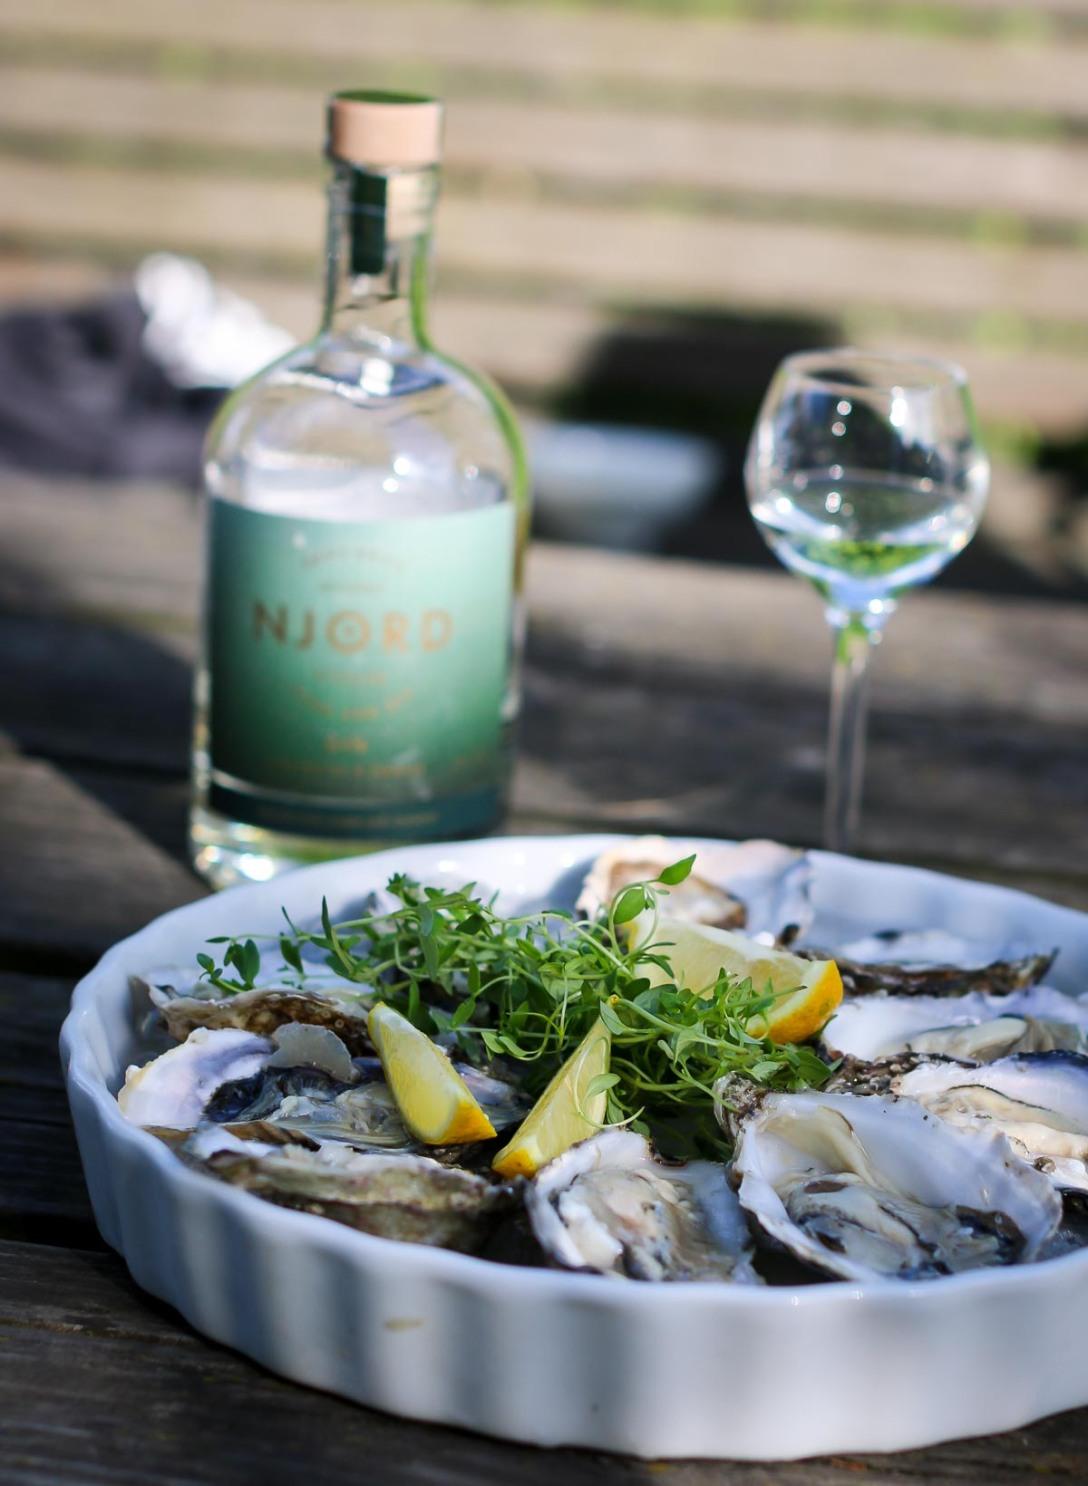 Njord Gin Sand and Sea (med Amber og Seaweed) til østers. Photo by Michael Sperling.